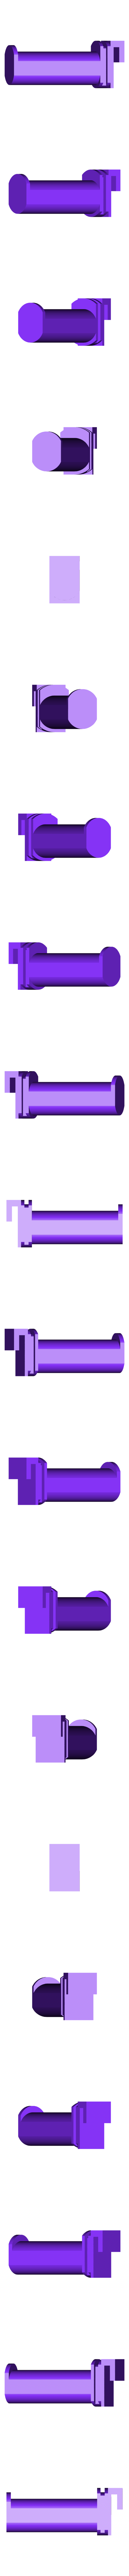 Side-spool--2017.stl Télécharger fichier STL gratuit Porte-bobine latéral pour Flashforge • Plan pour imprimante 3D, itech3dp